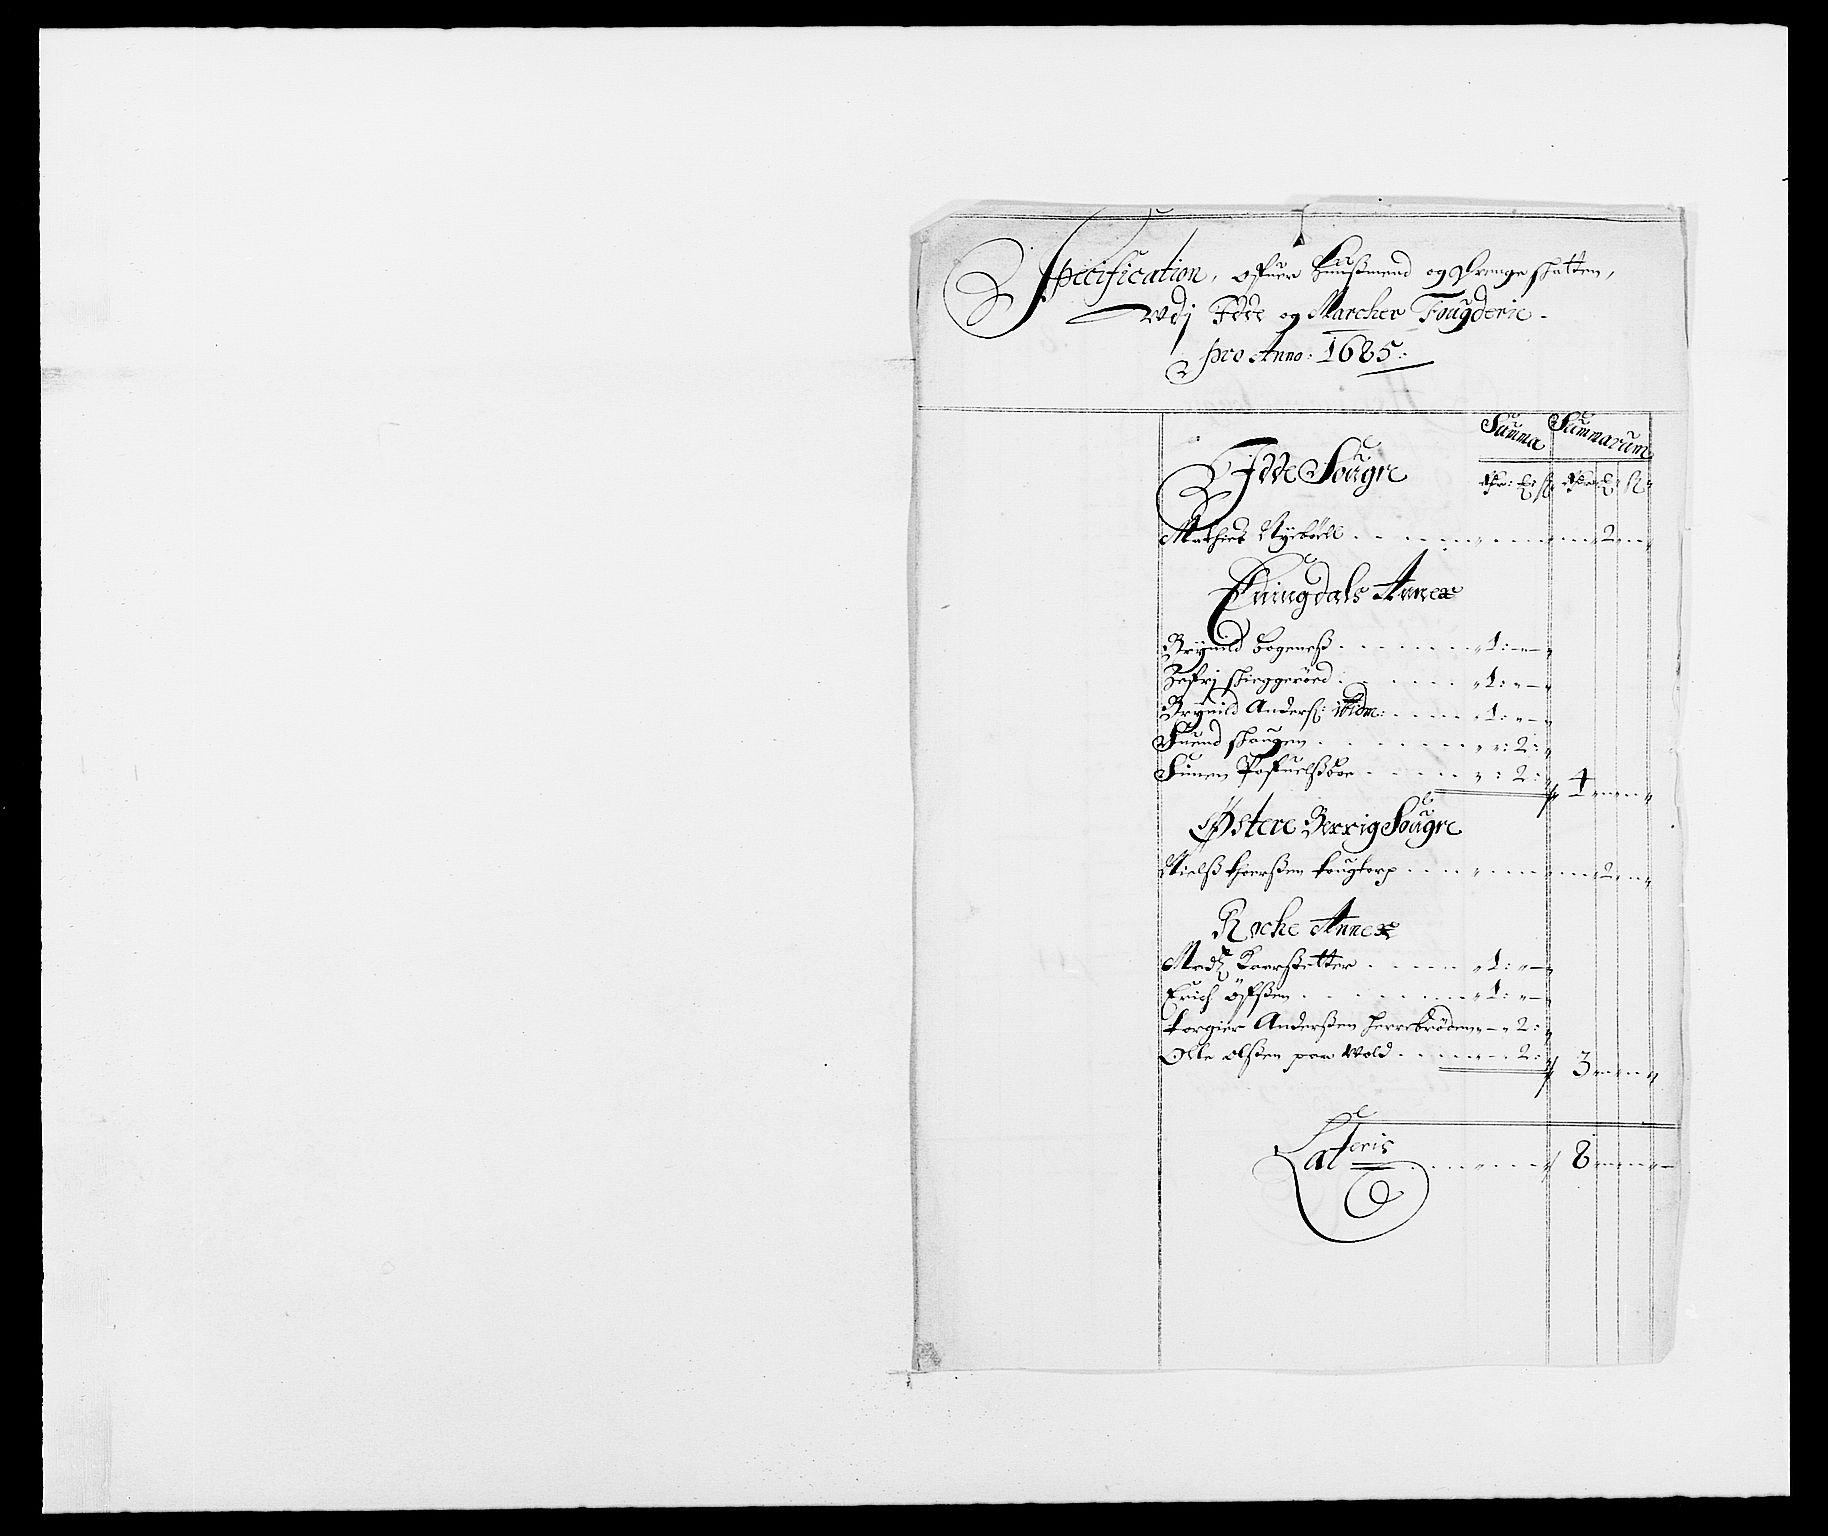 RA, Rentekammeret inntil 1814, Reviderte regnskaper, Fogderegnskap, R01/L0006: Fogderegnskap Idd og Marker, 1685-1686, s. 171